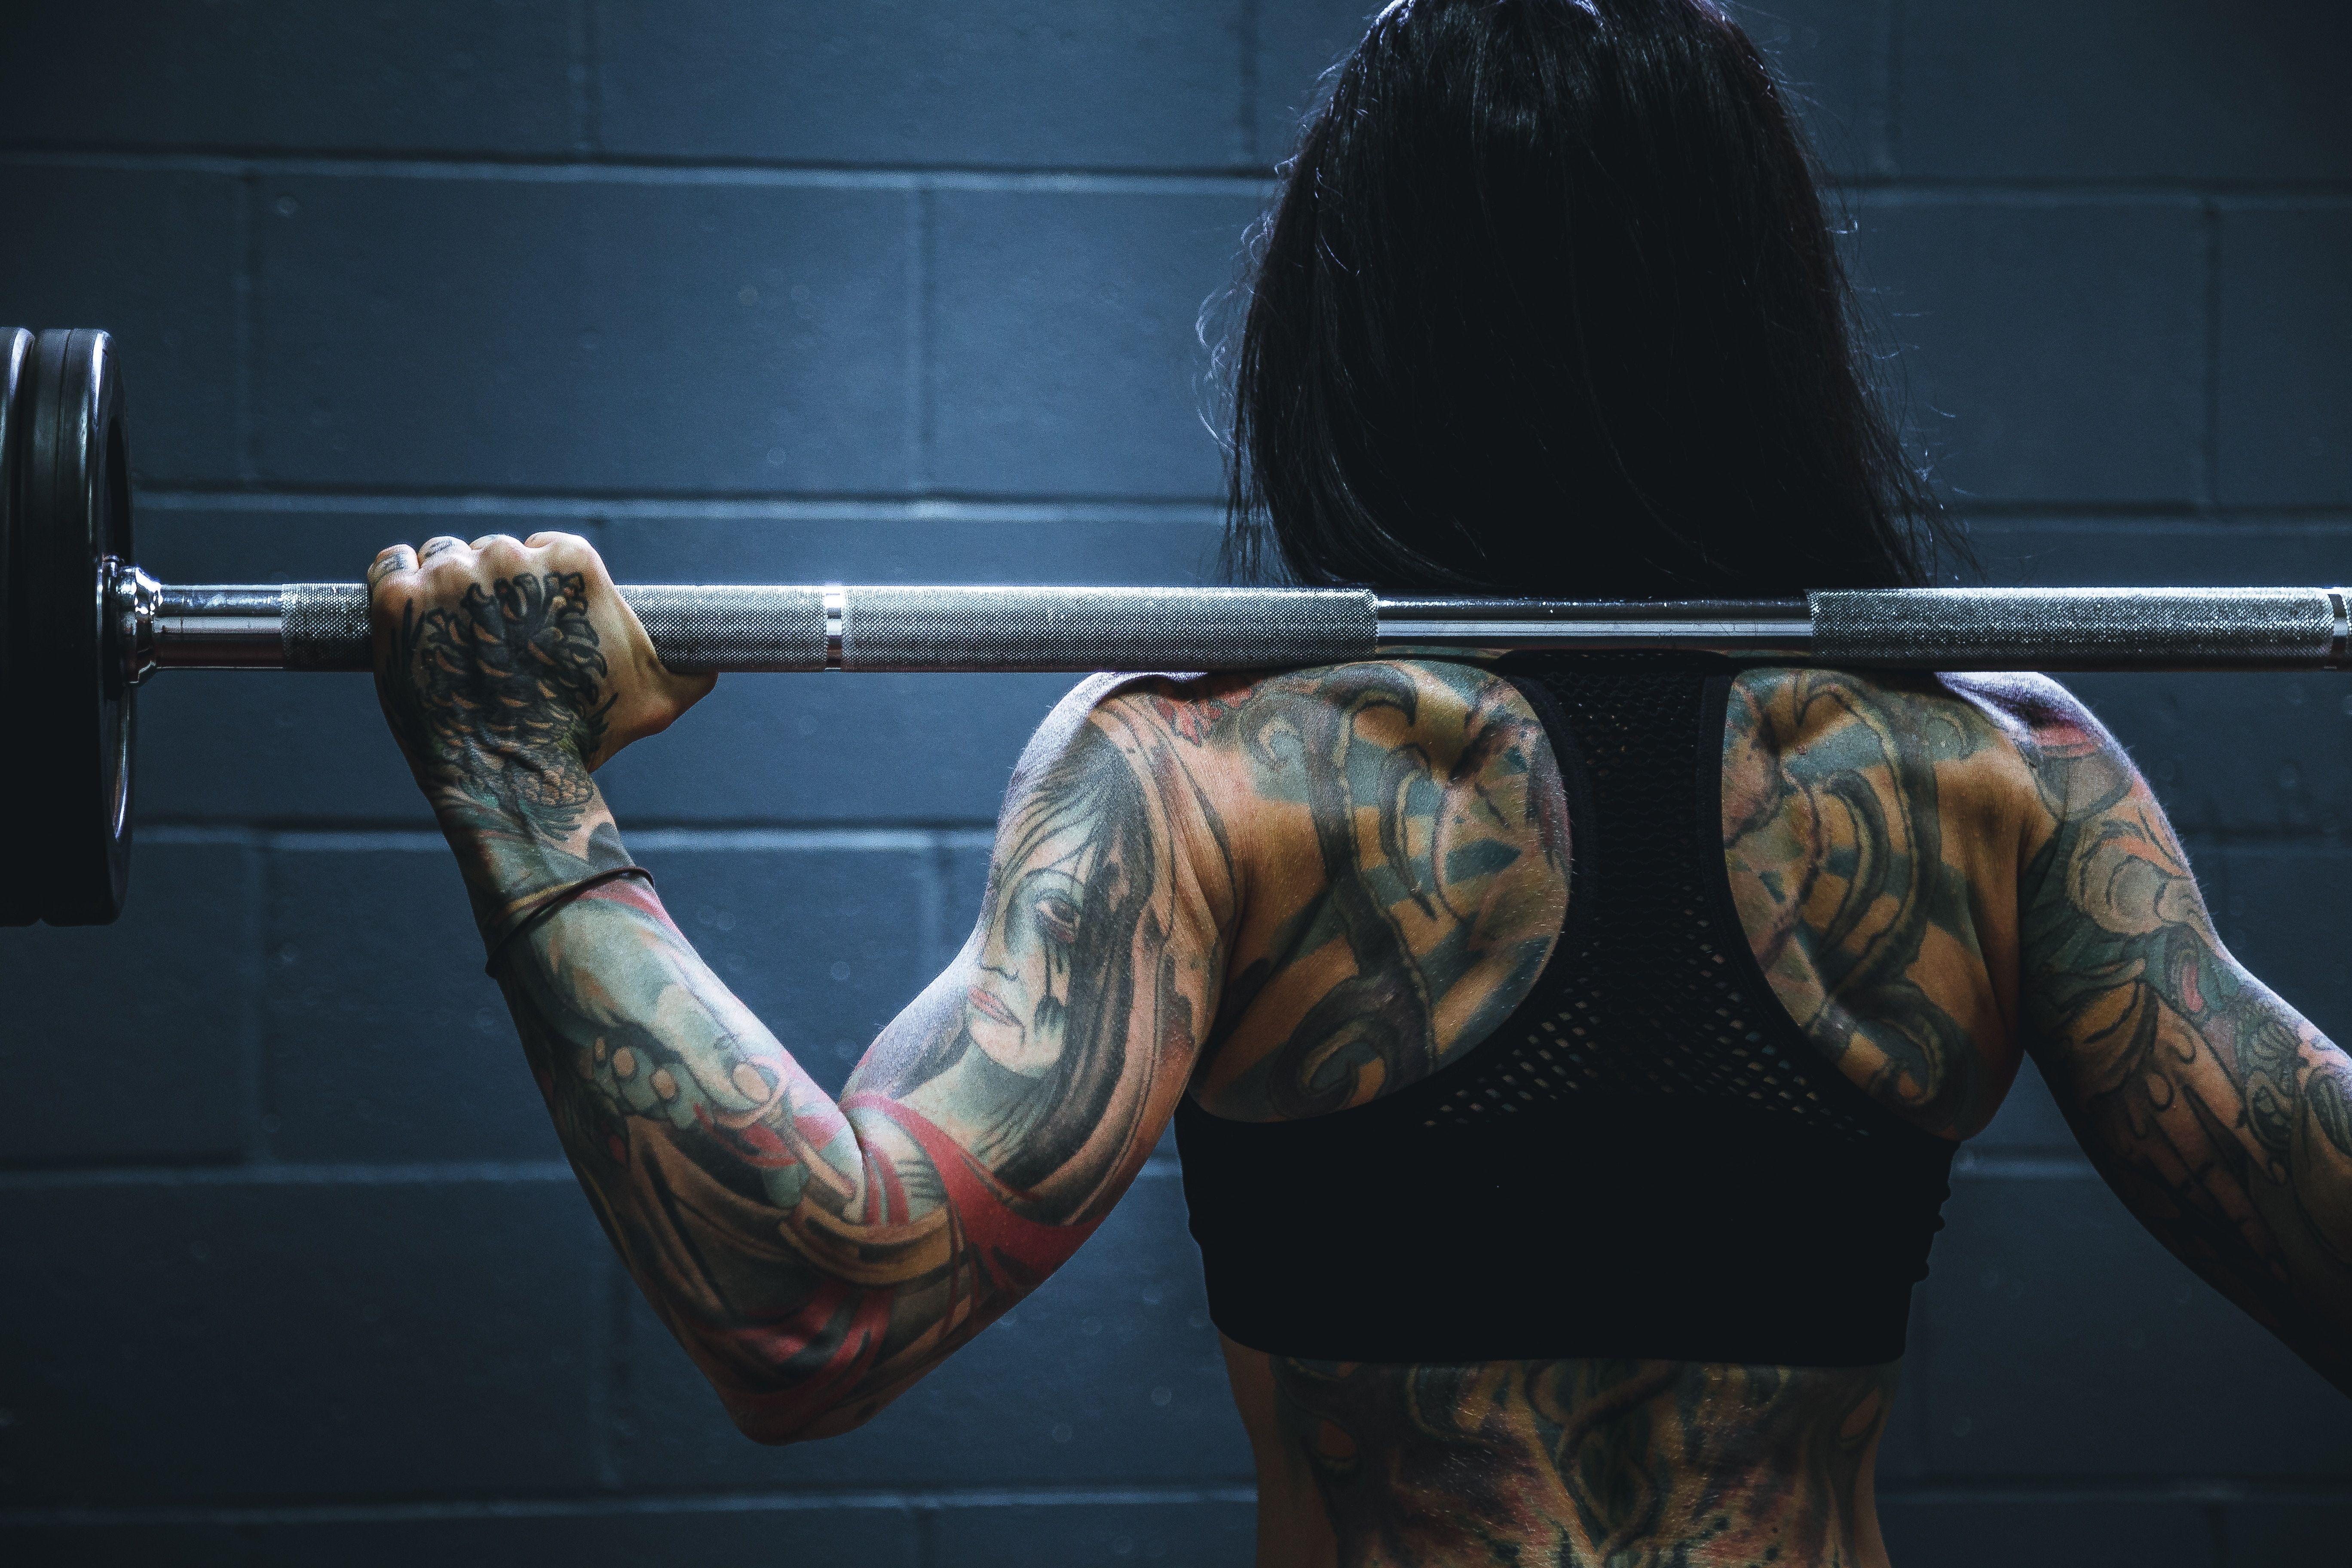 Pourquoi faire du sport et des exercices de musculation?